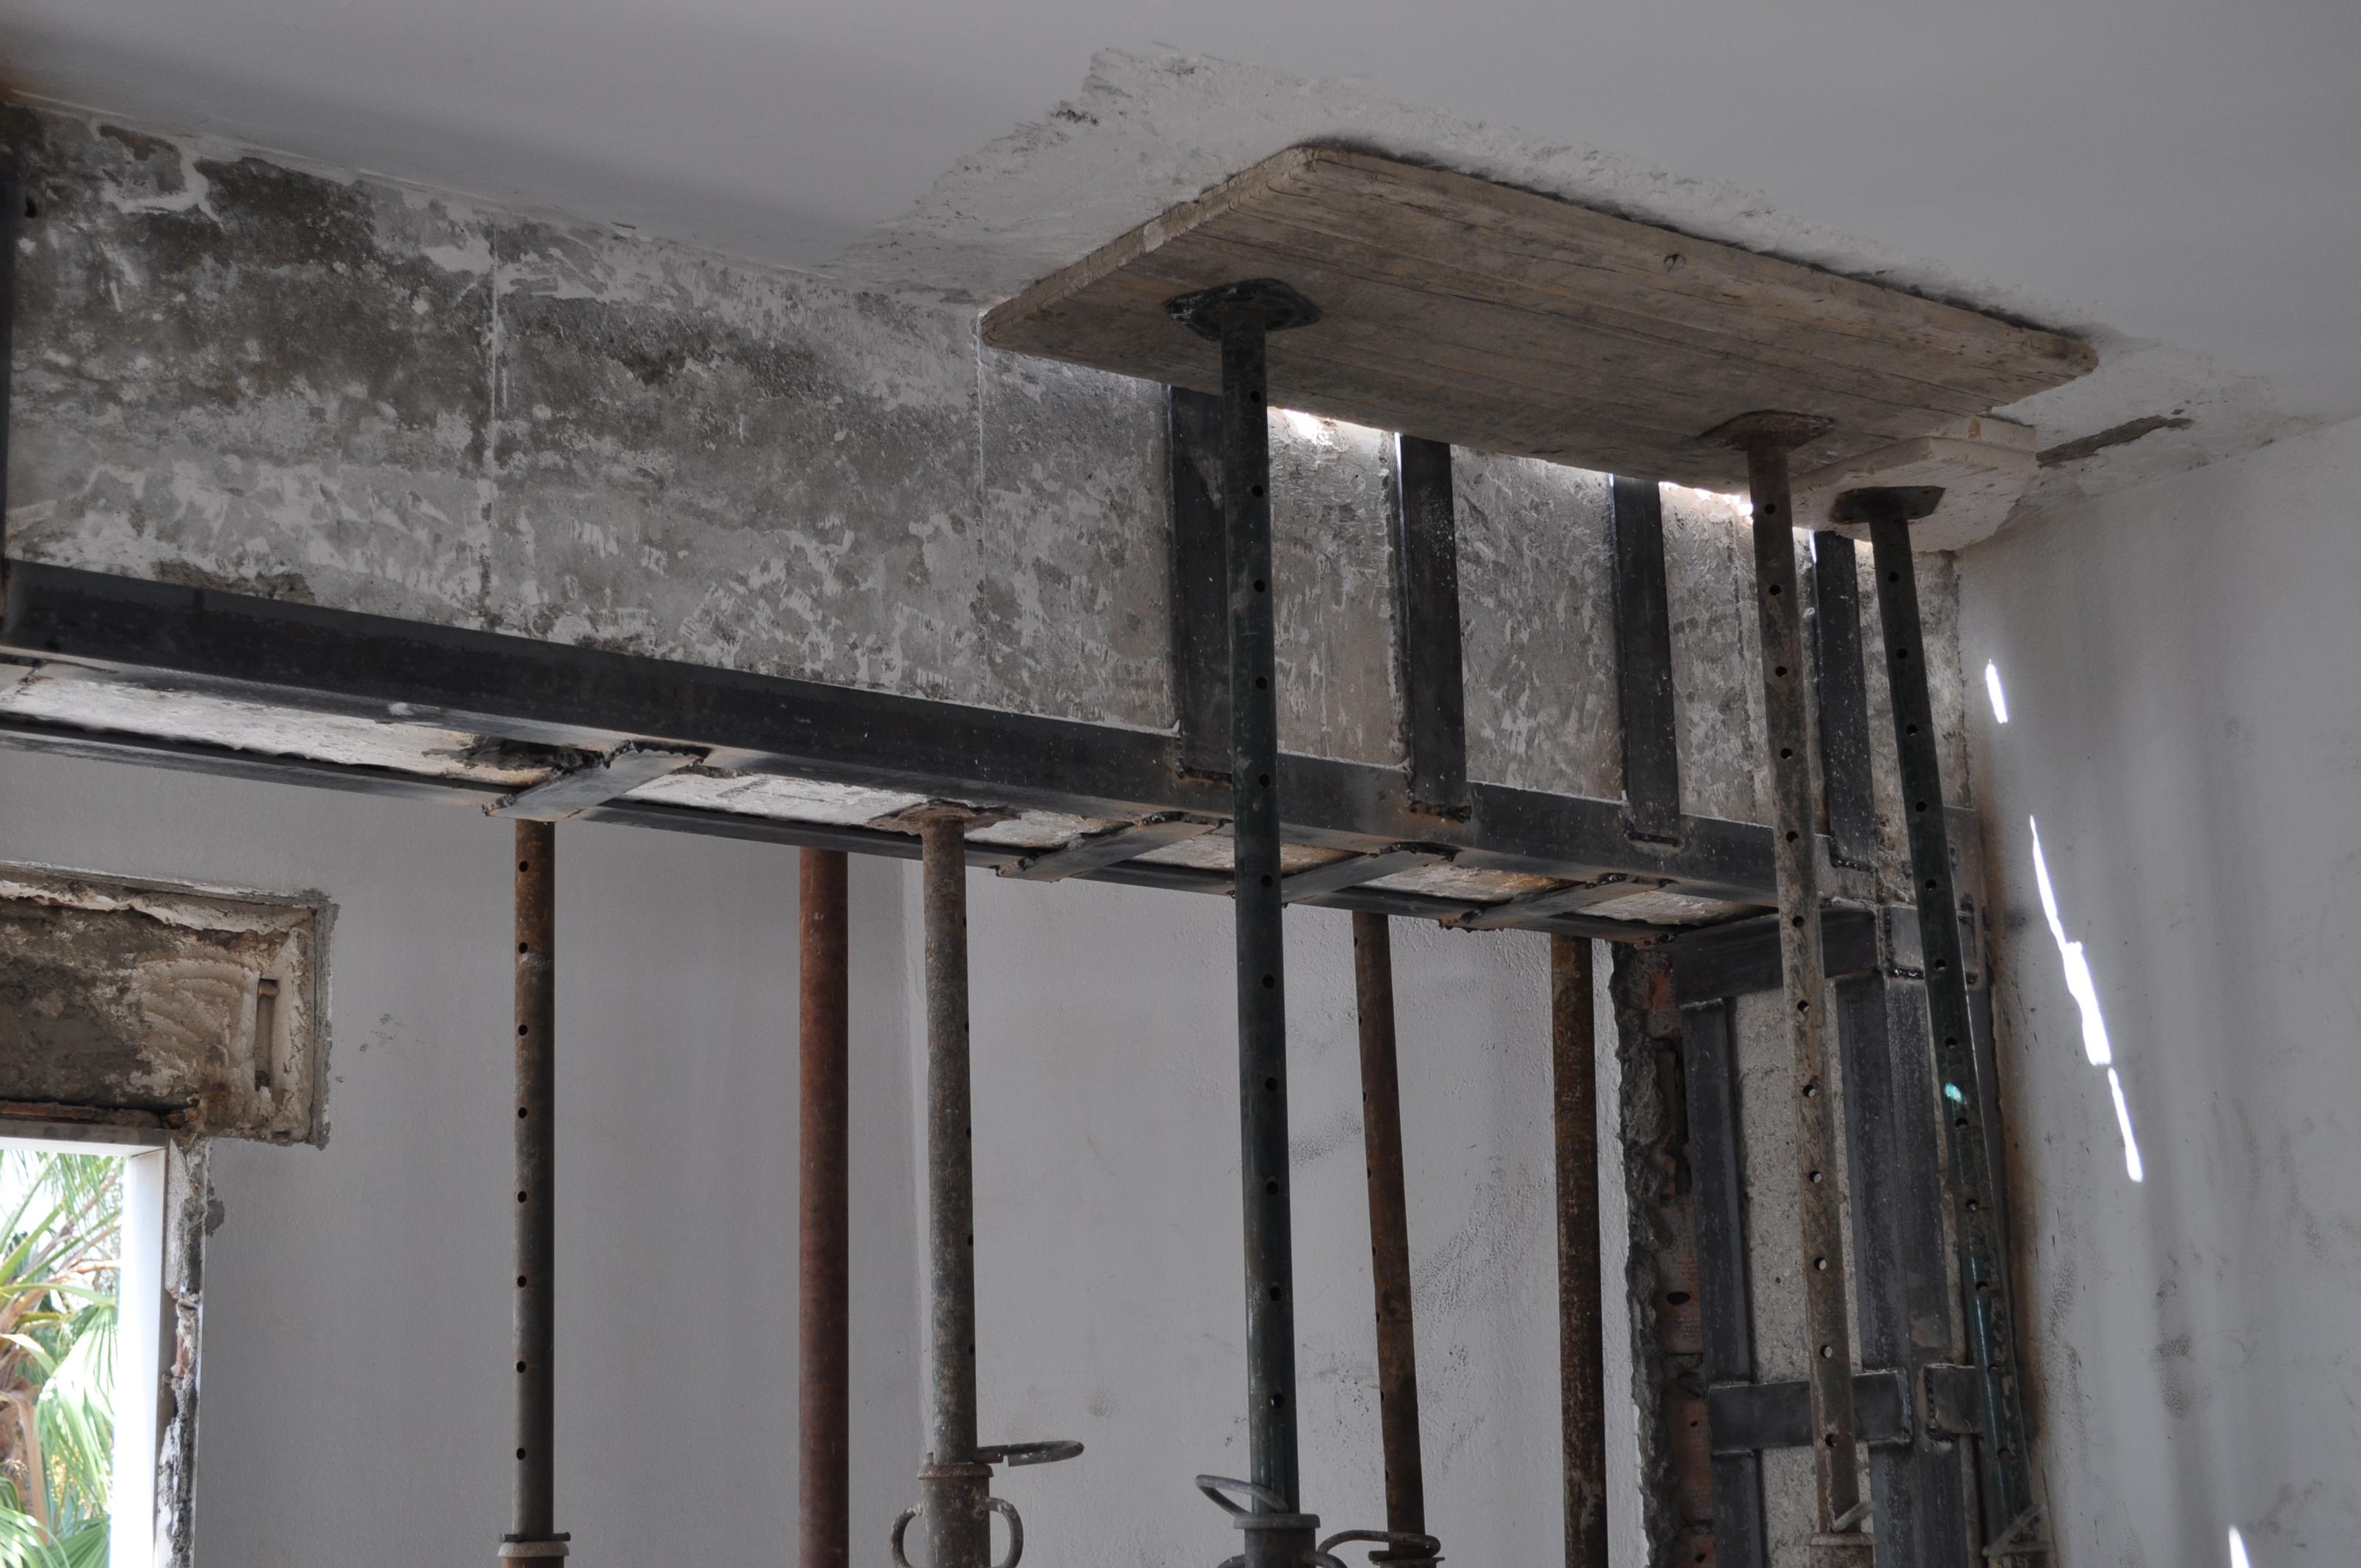 Rehabilitación de la estructura